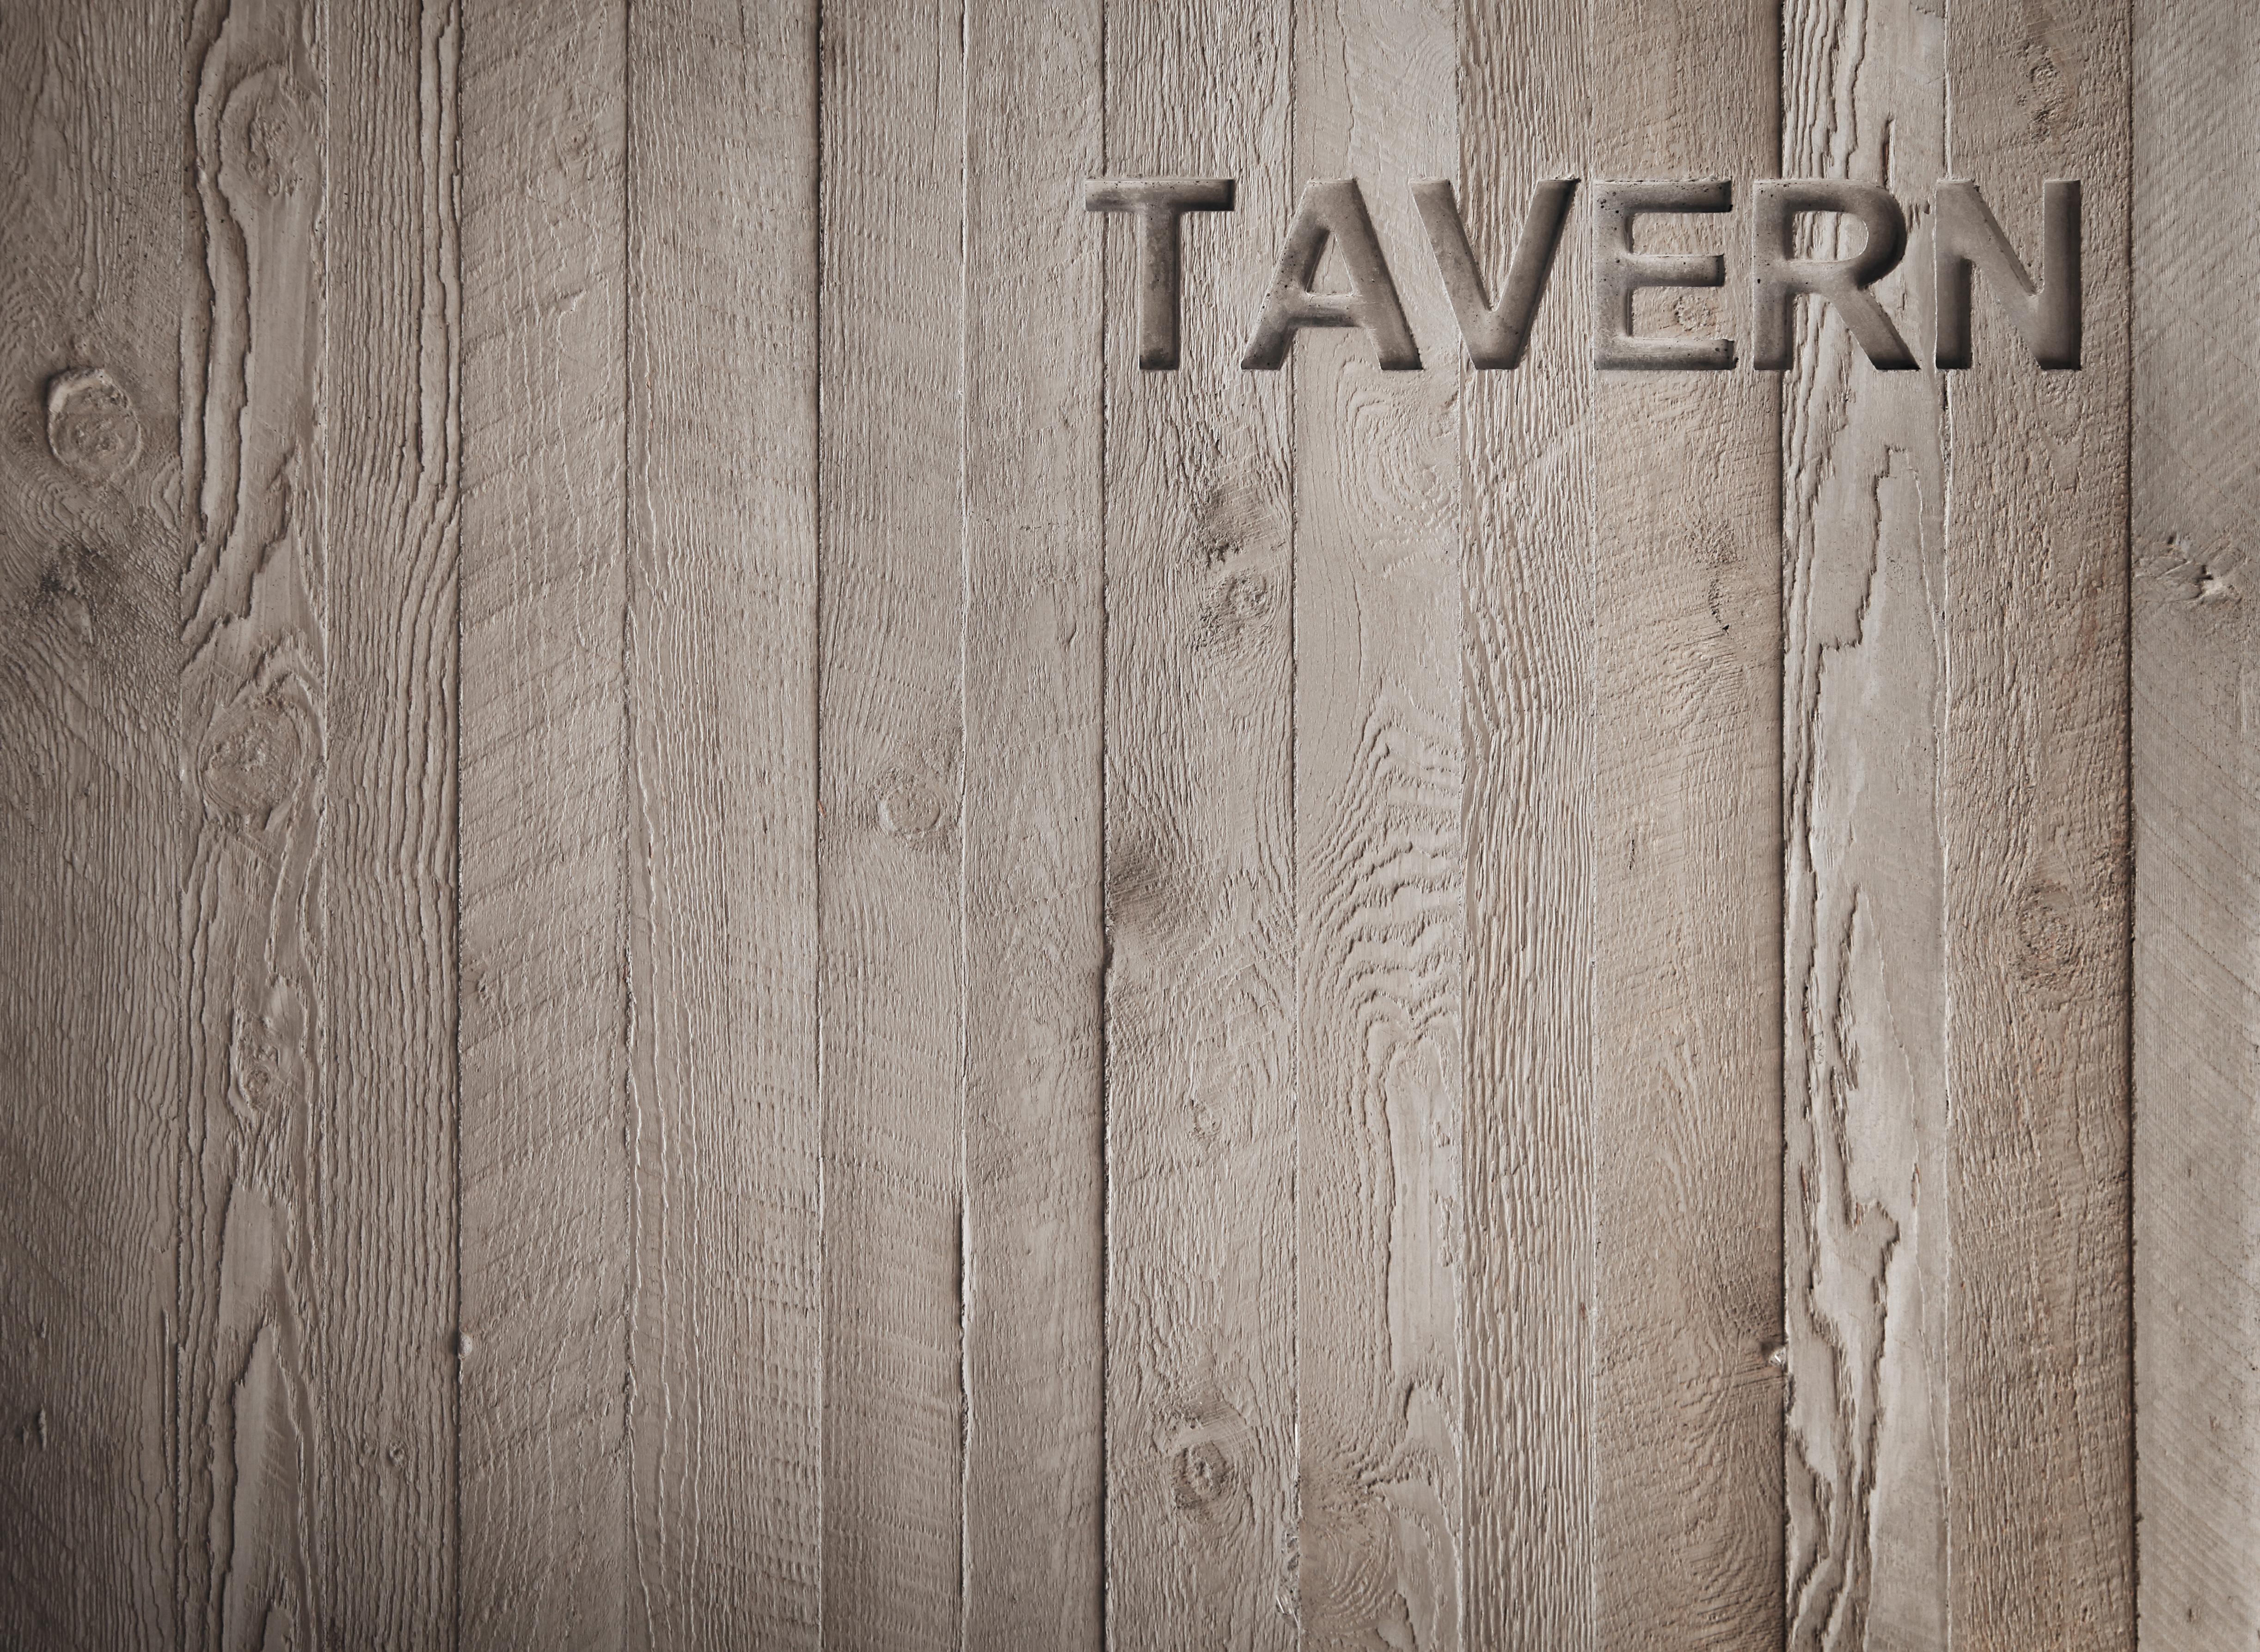 TavernWarm